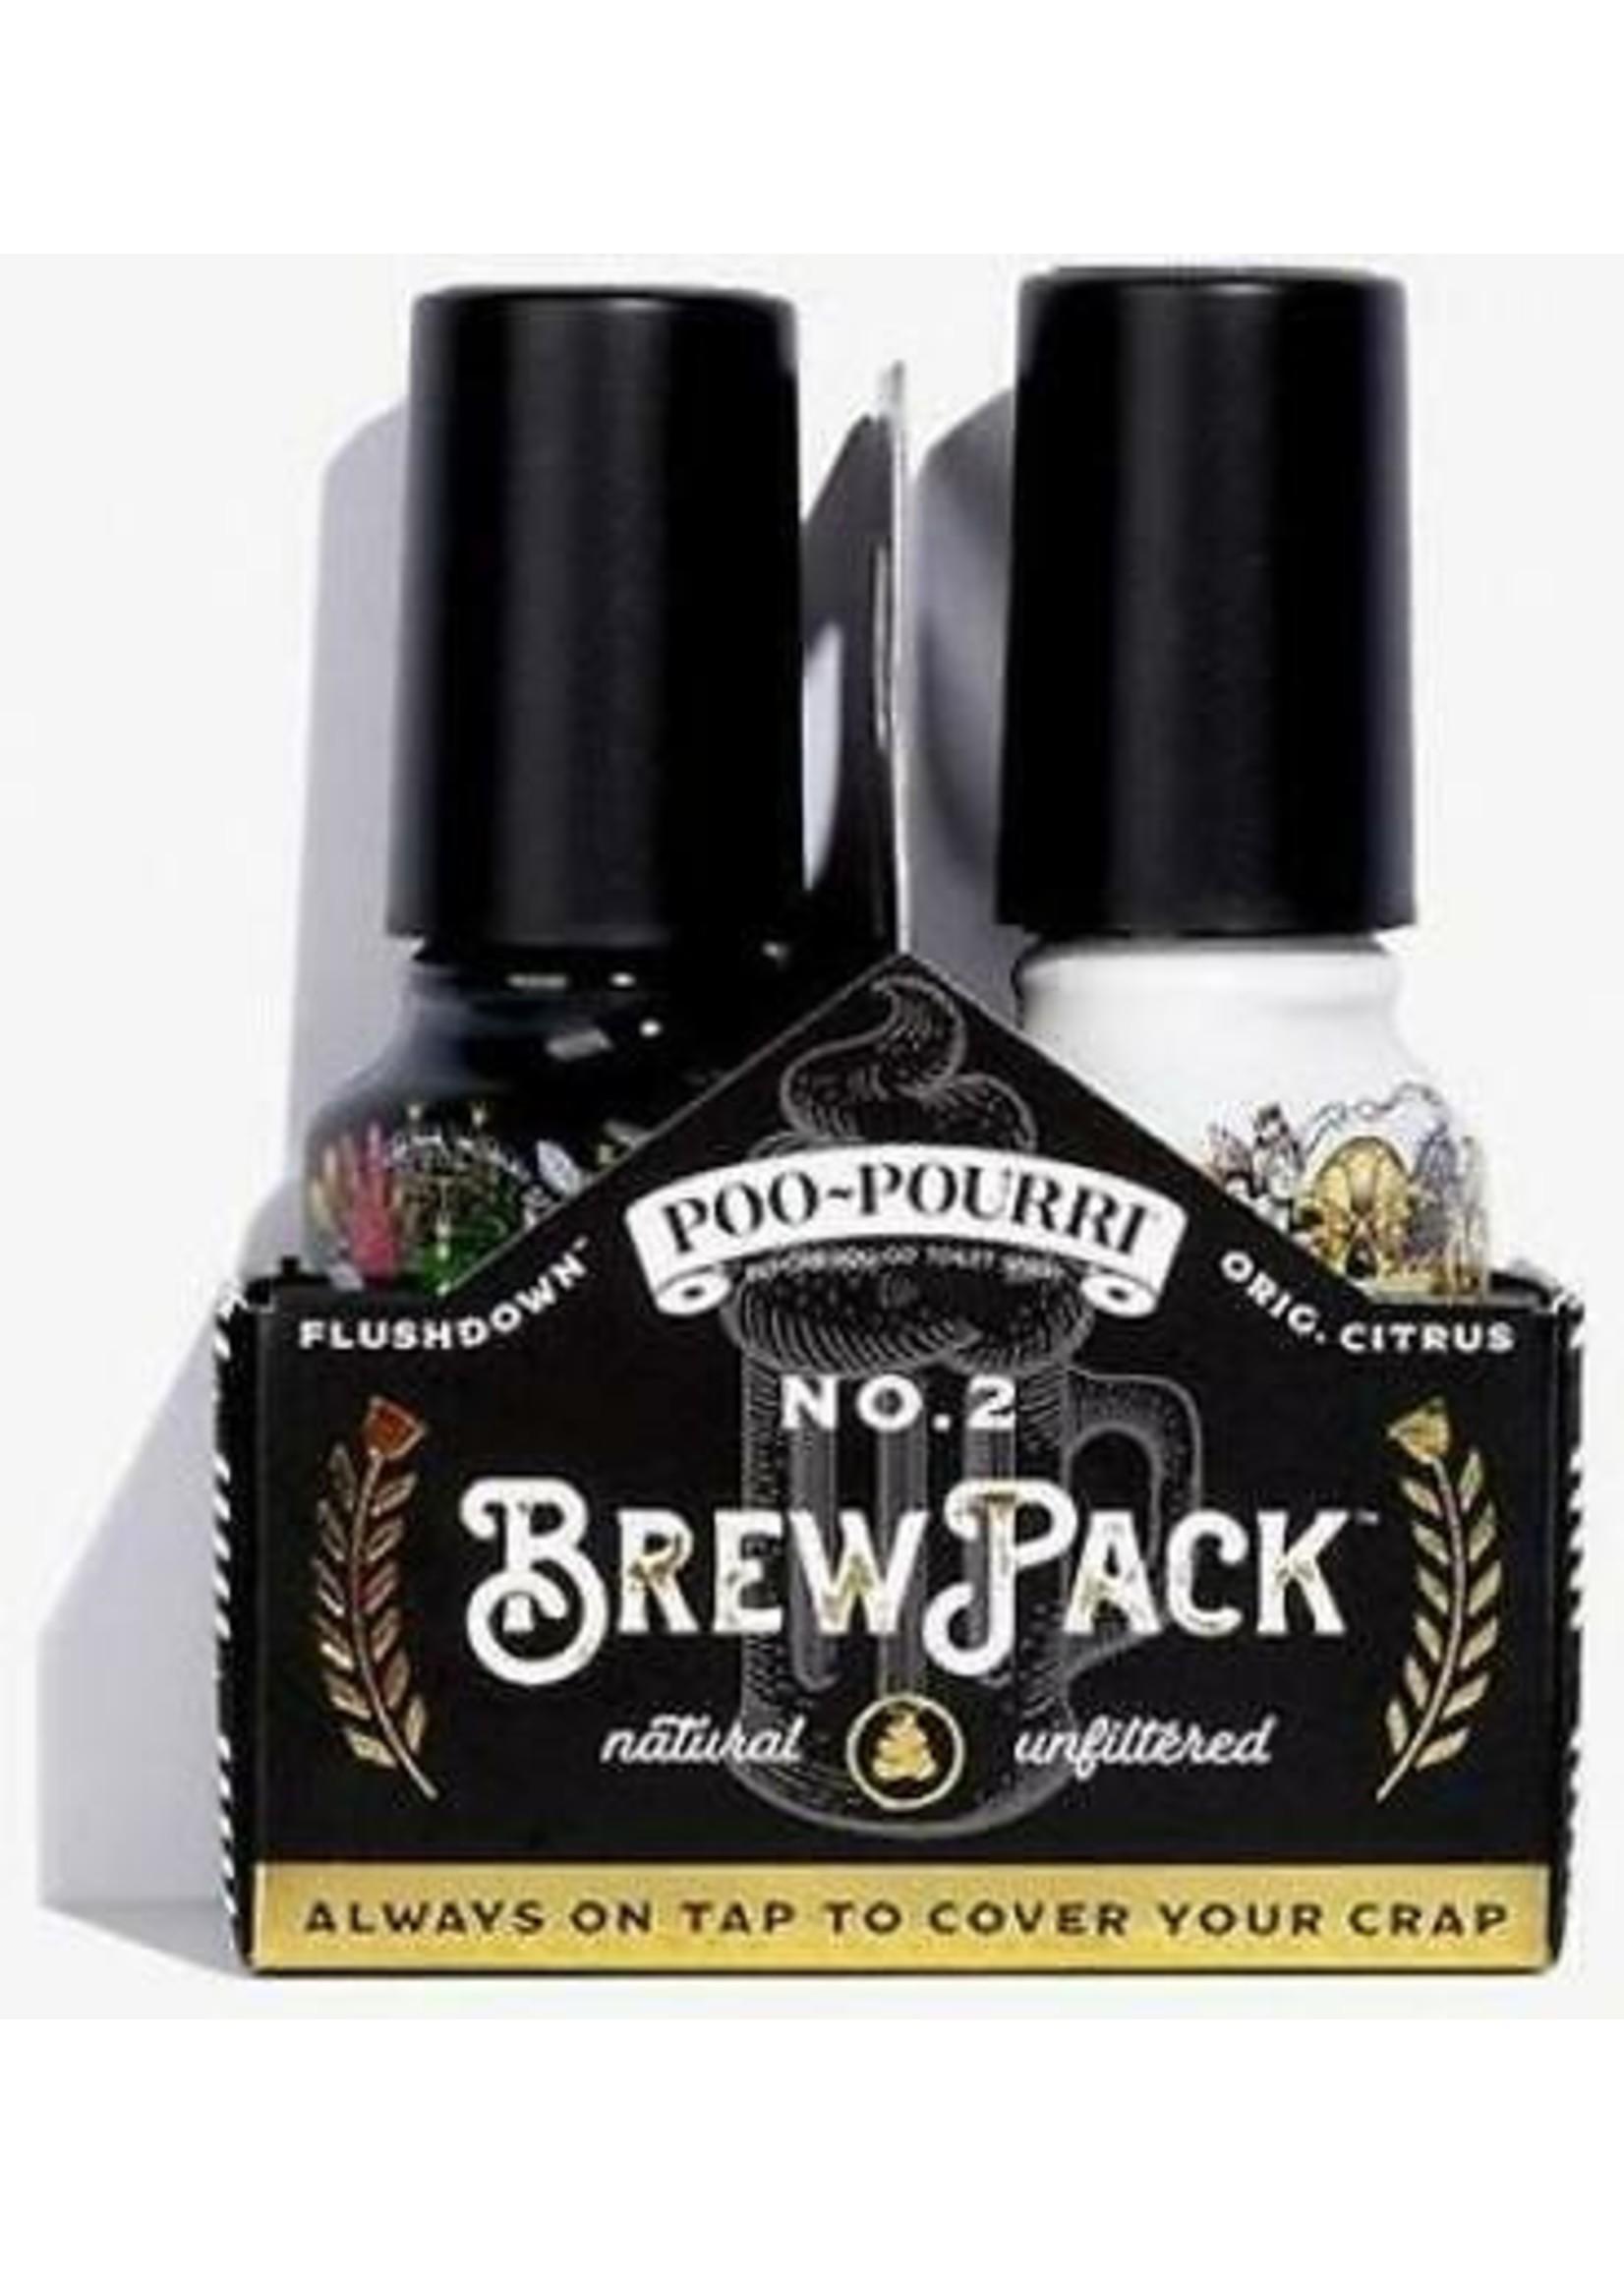 Poo-Pourri Brew Pack Set